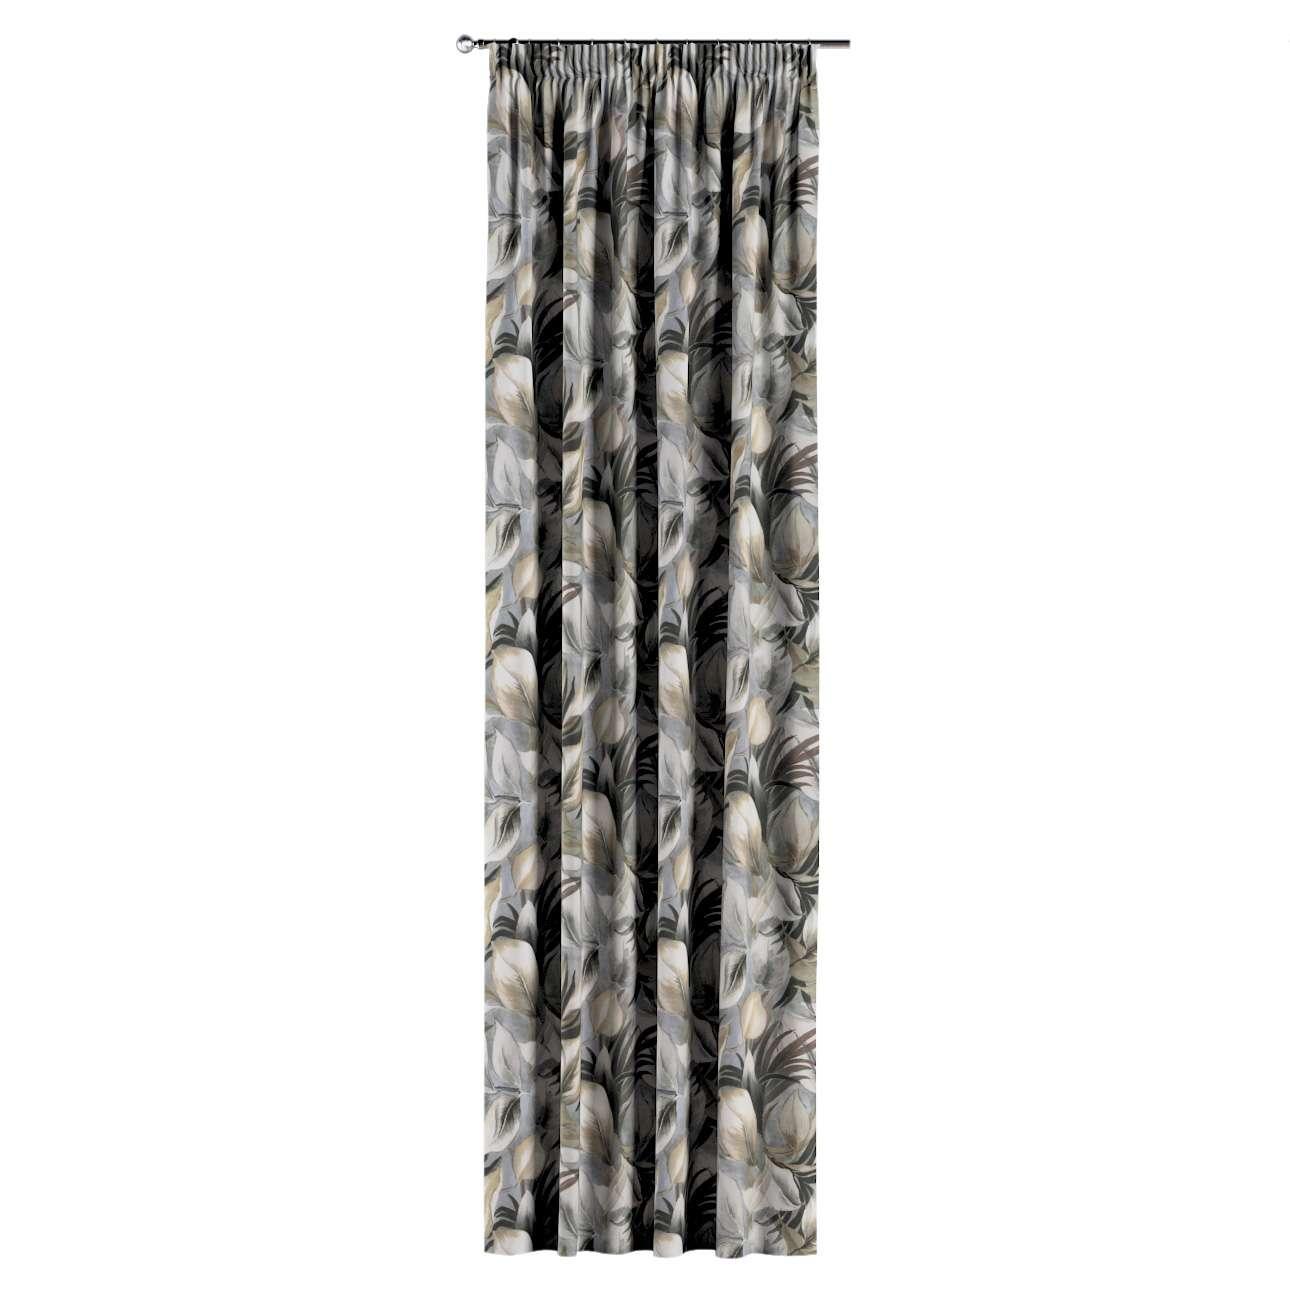 Záves na riasiacej páske V kolekcii Abigail, tkanina: 143-60